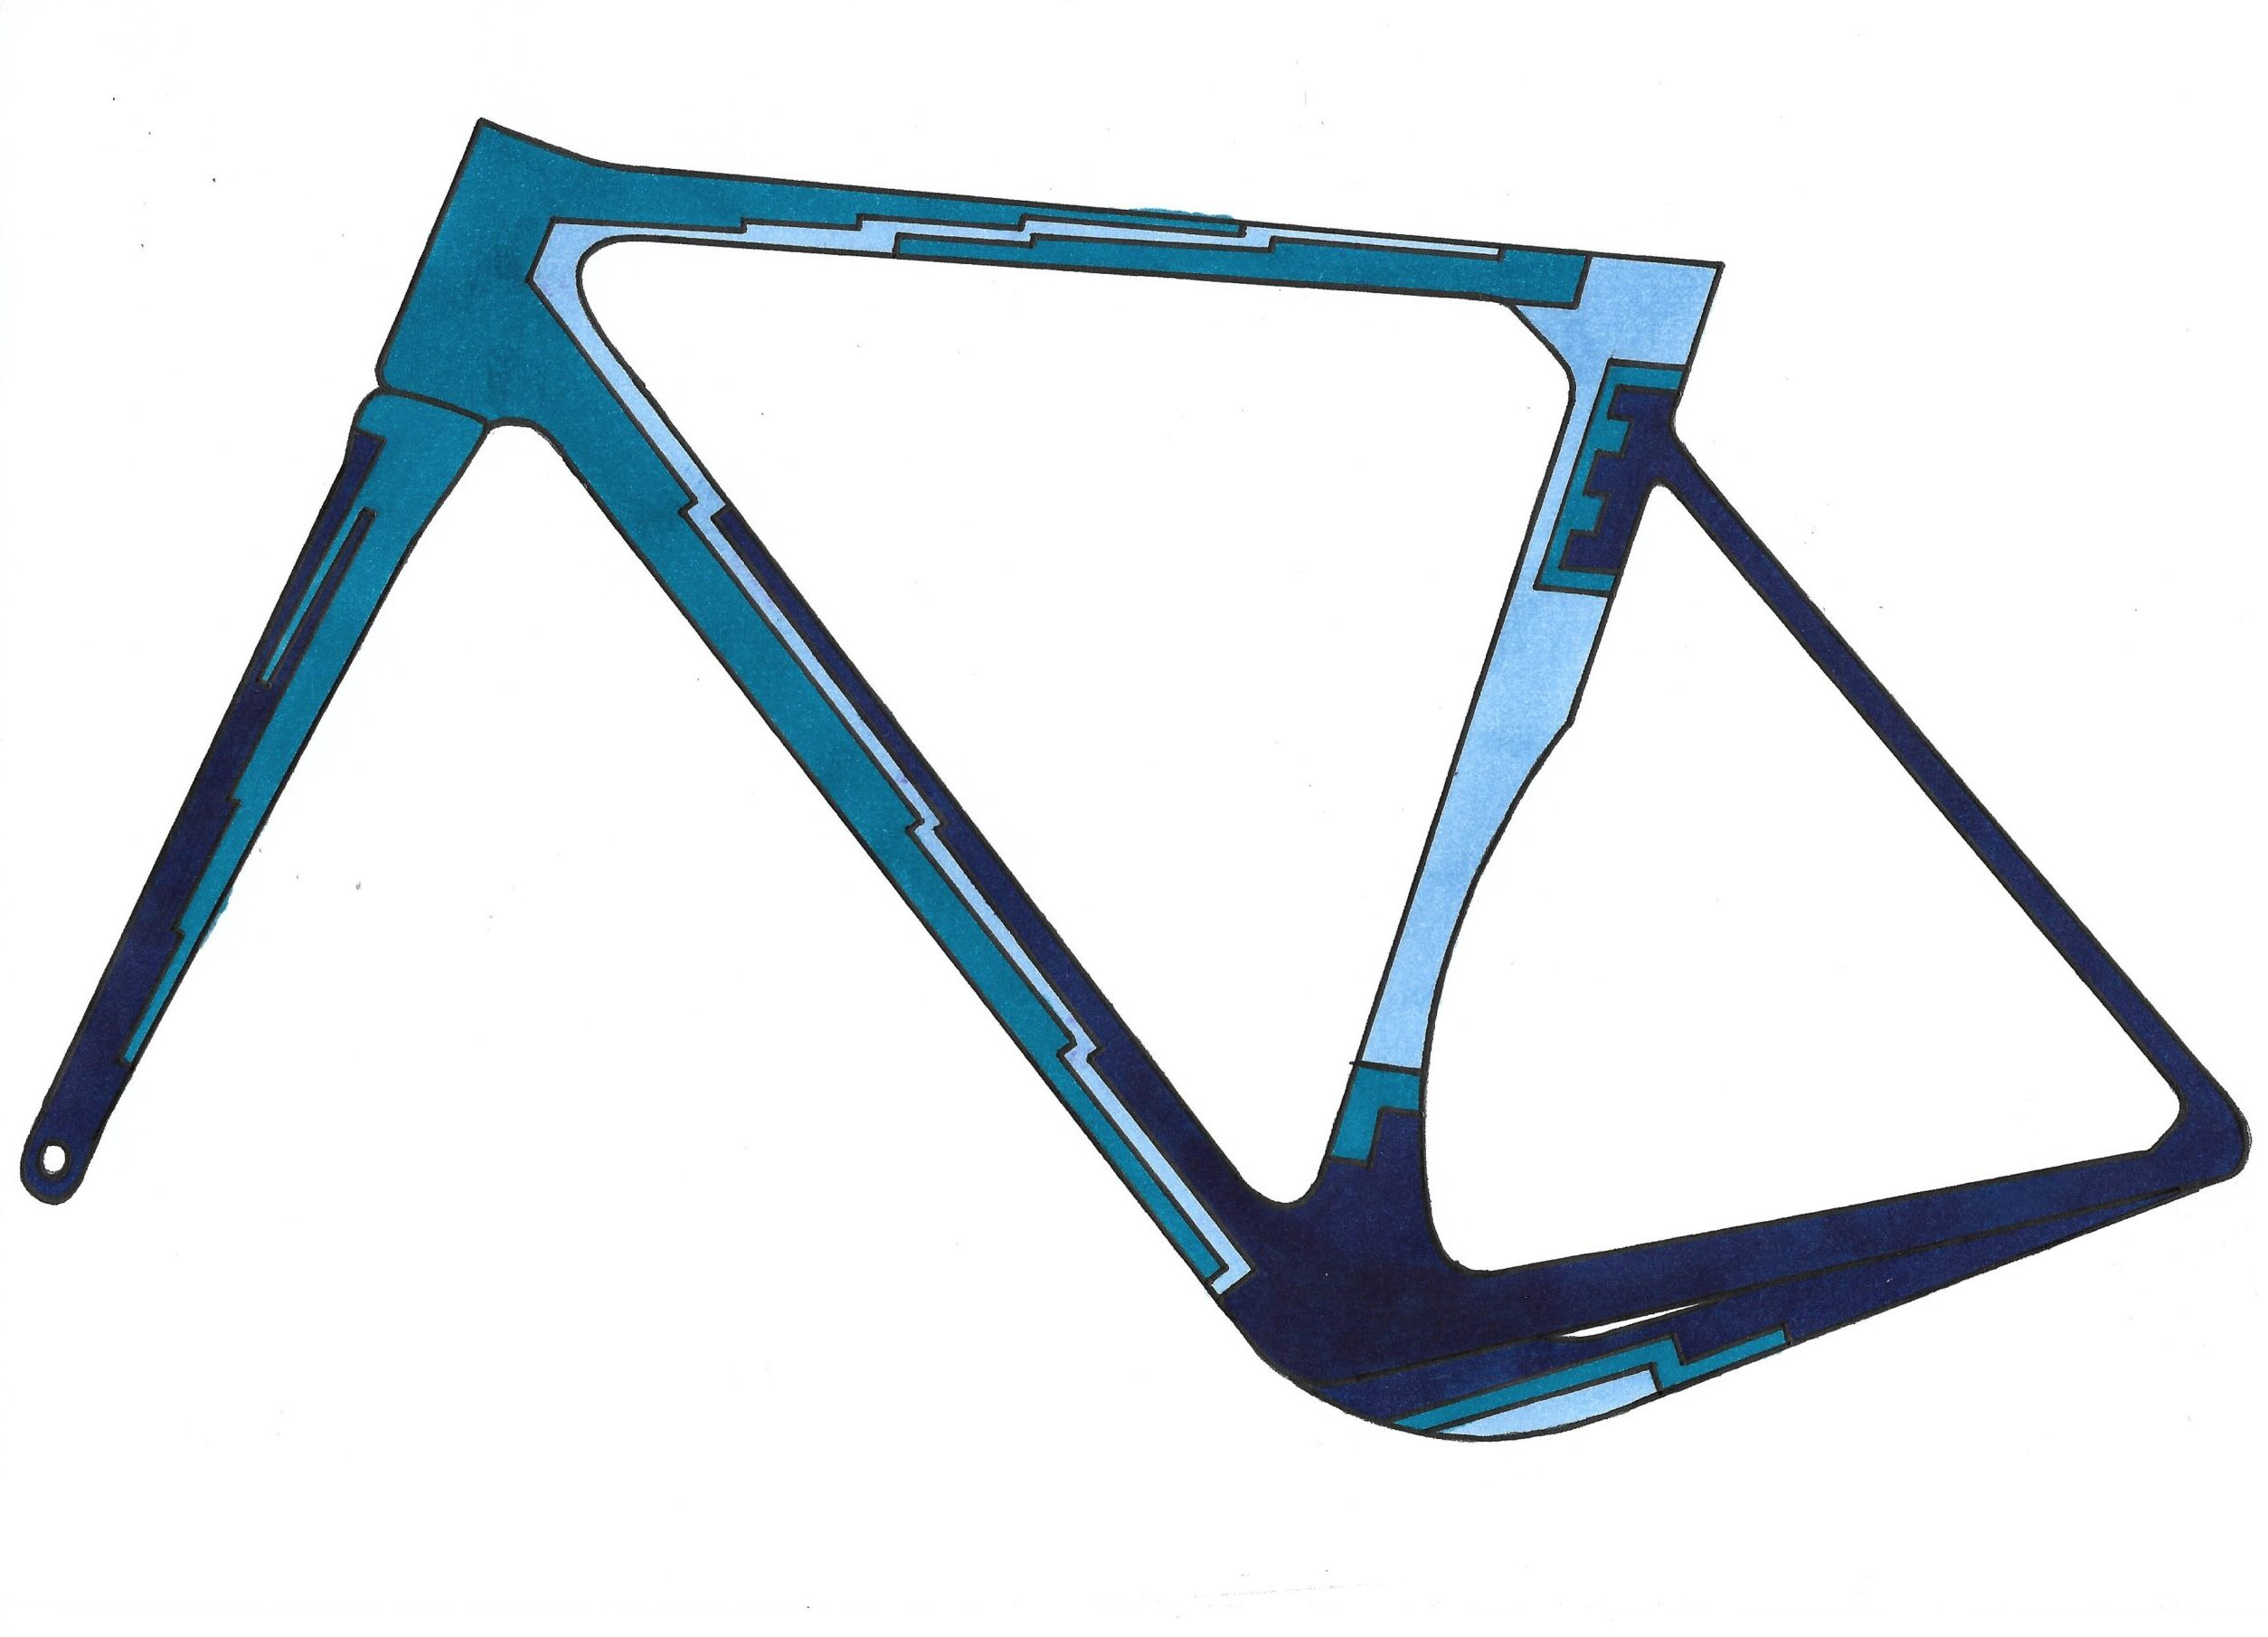 Vogel gravel bike frame design